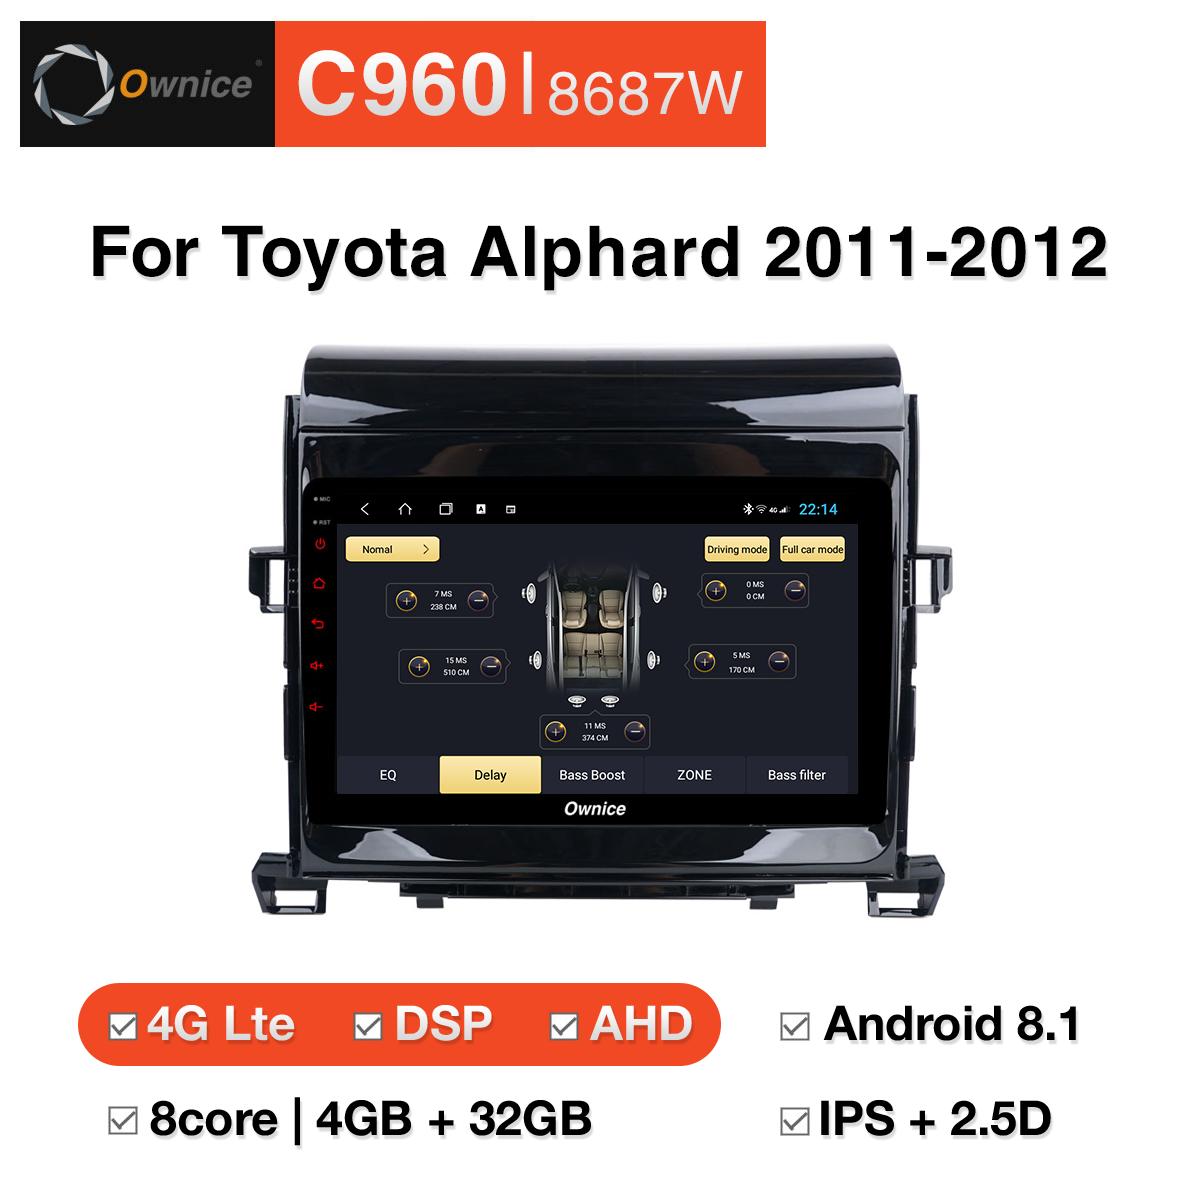 Đầu DVD android Ownice C960 cho xe ô tô Toyota Alphard 2011-2012:: OL-8687W